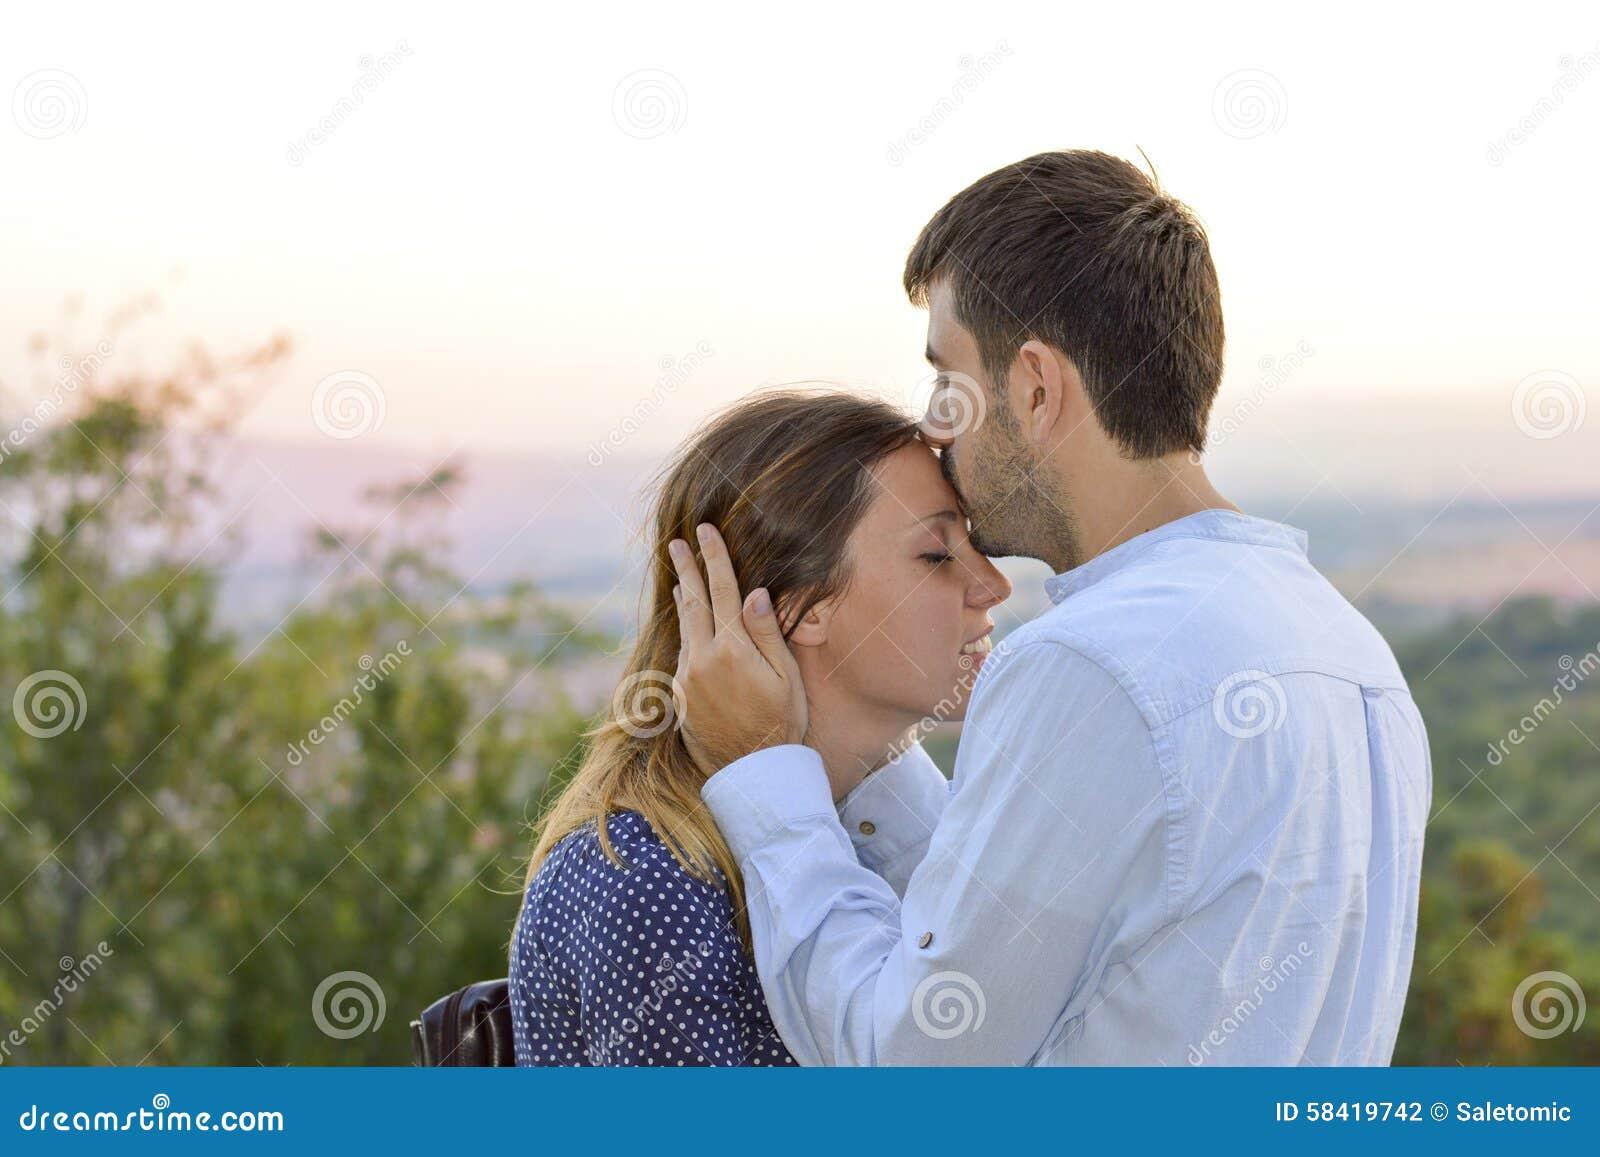 Bedeutung frau mann stirn küsst auf Was bedeutet